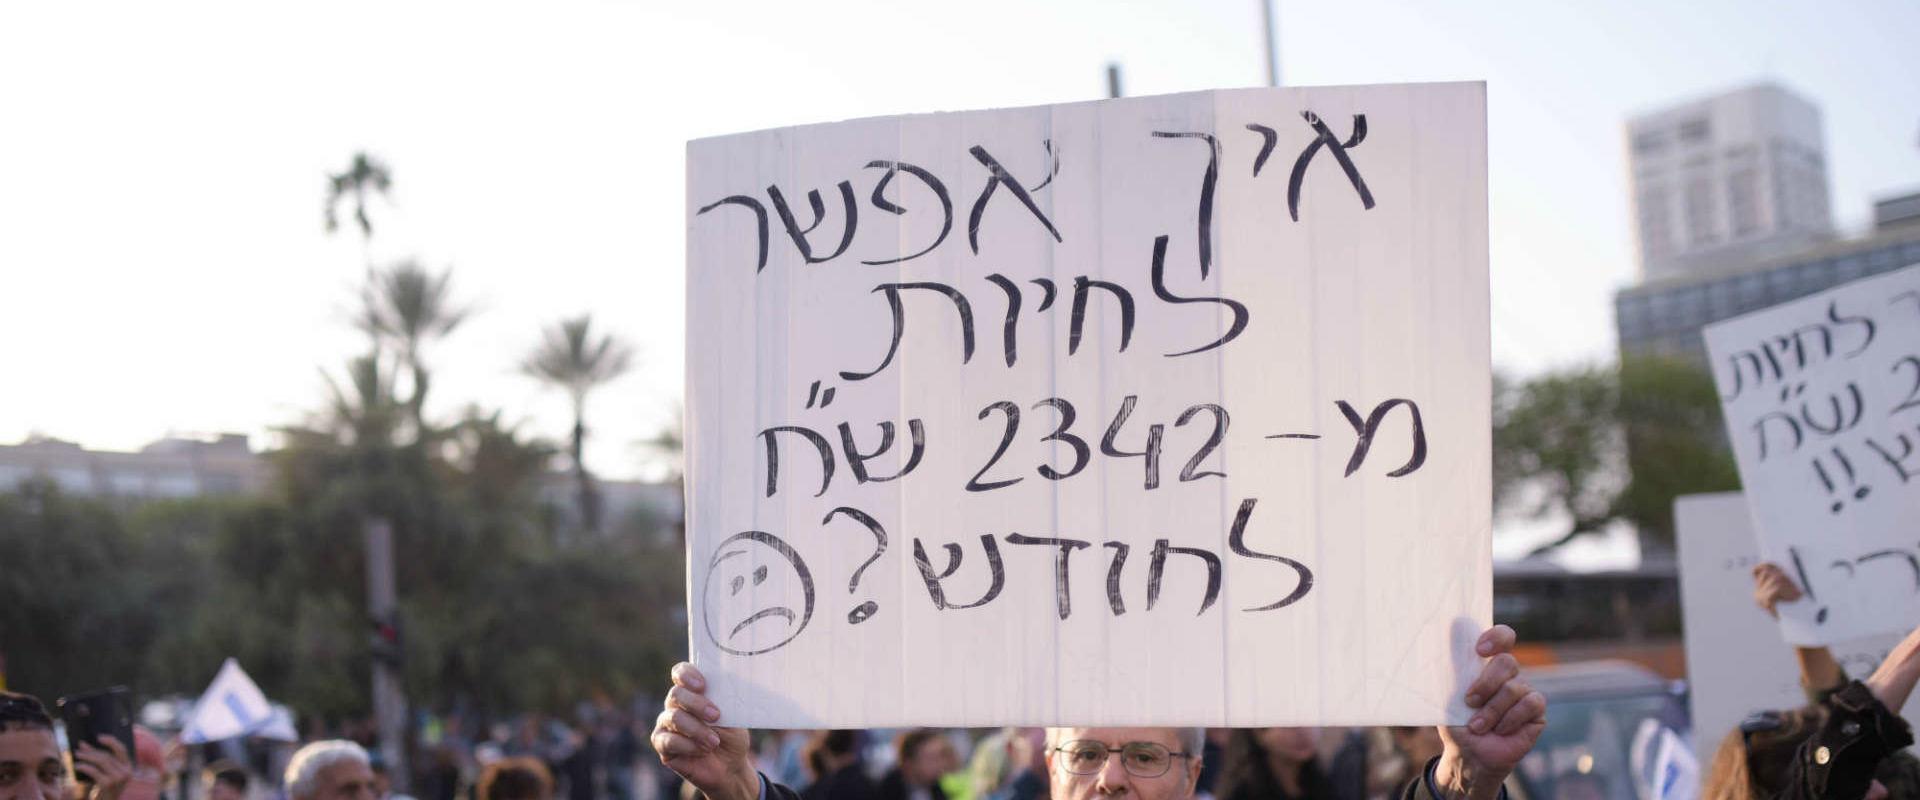 הפגנת הנכים בכיכר רבין בסוף מרץ האחרון